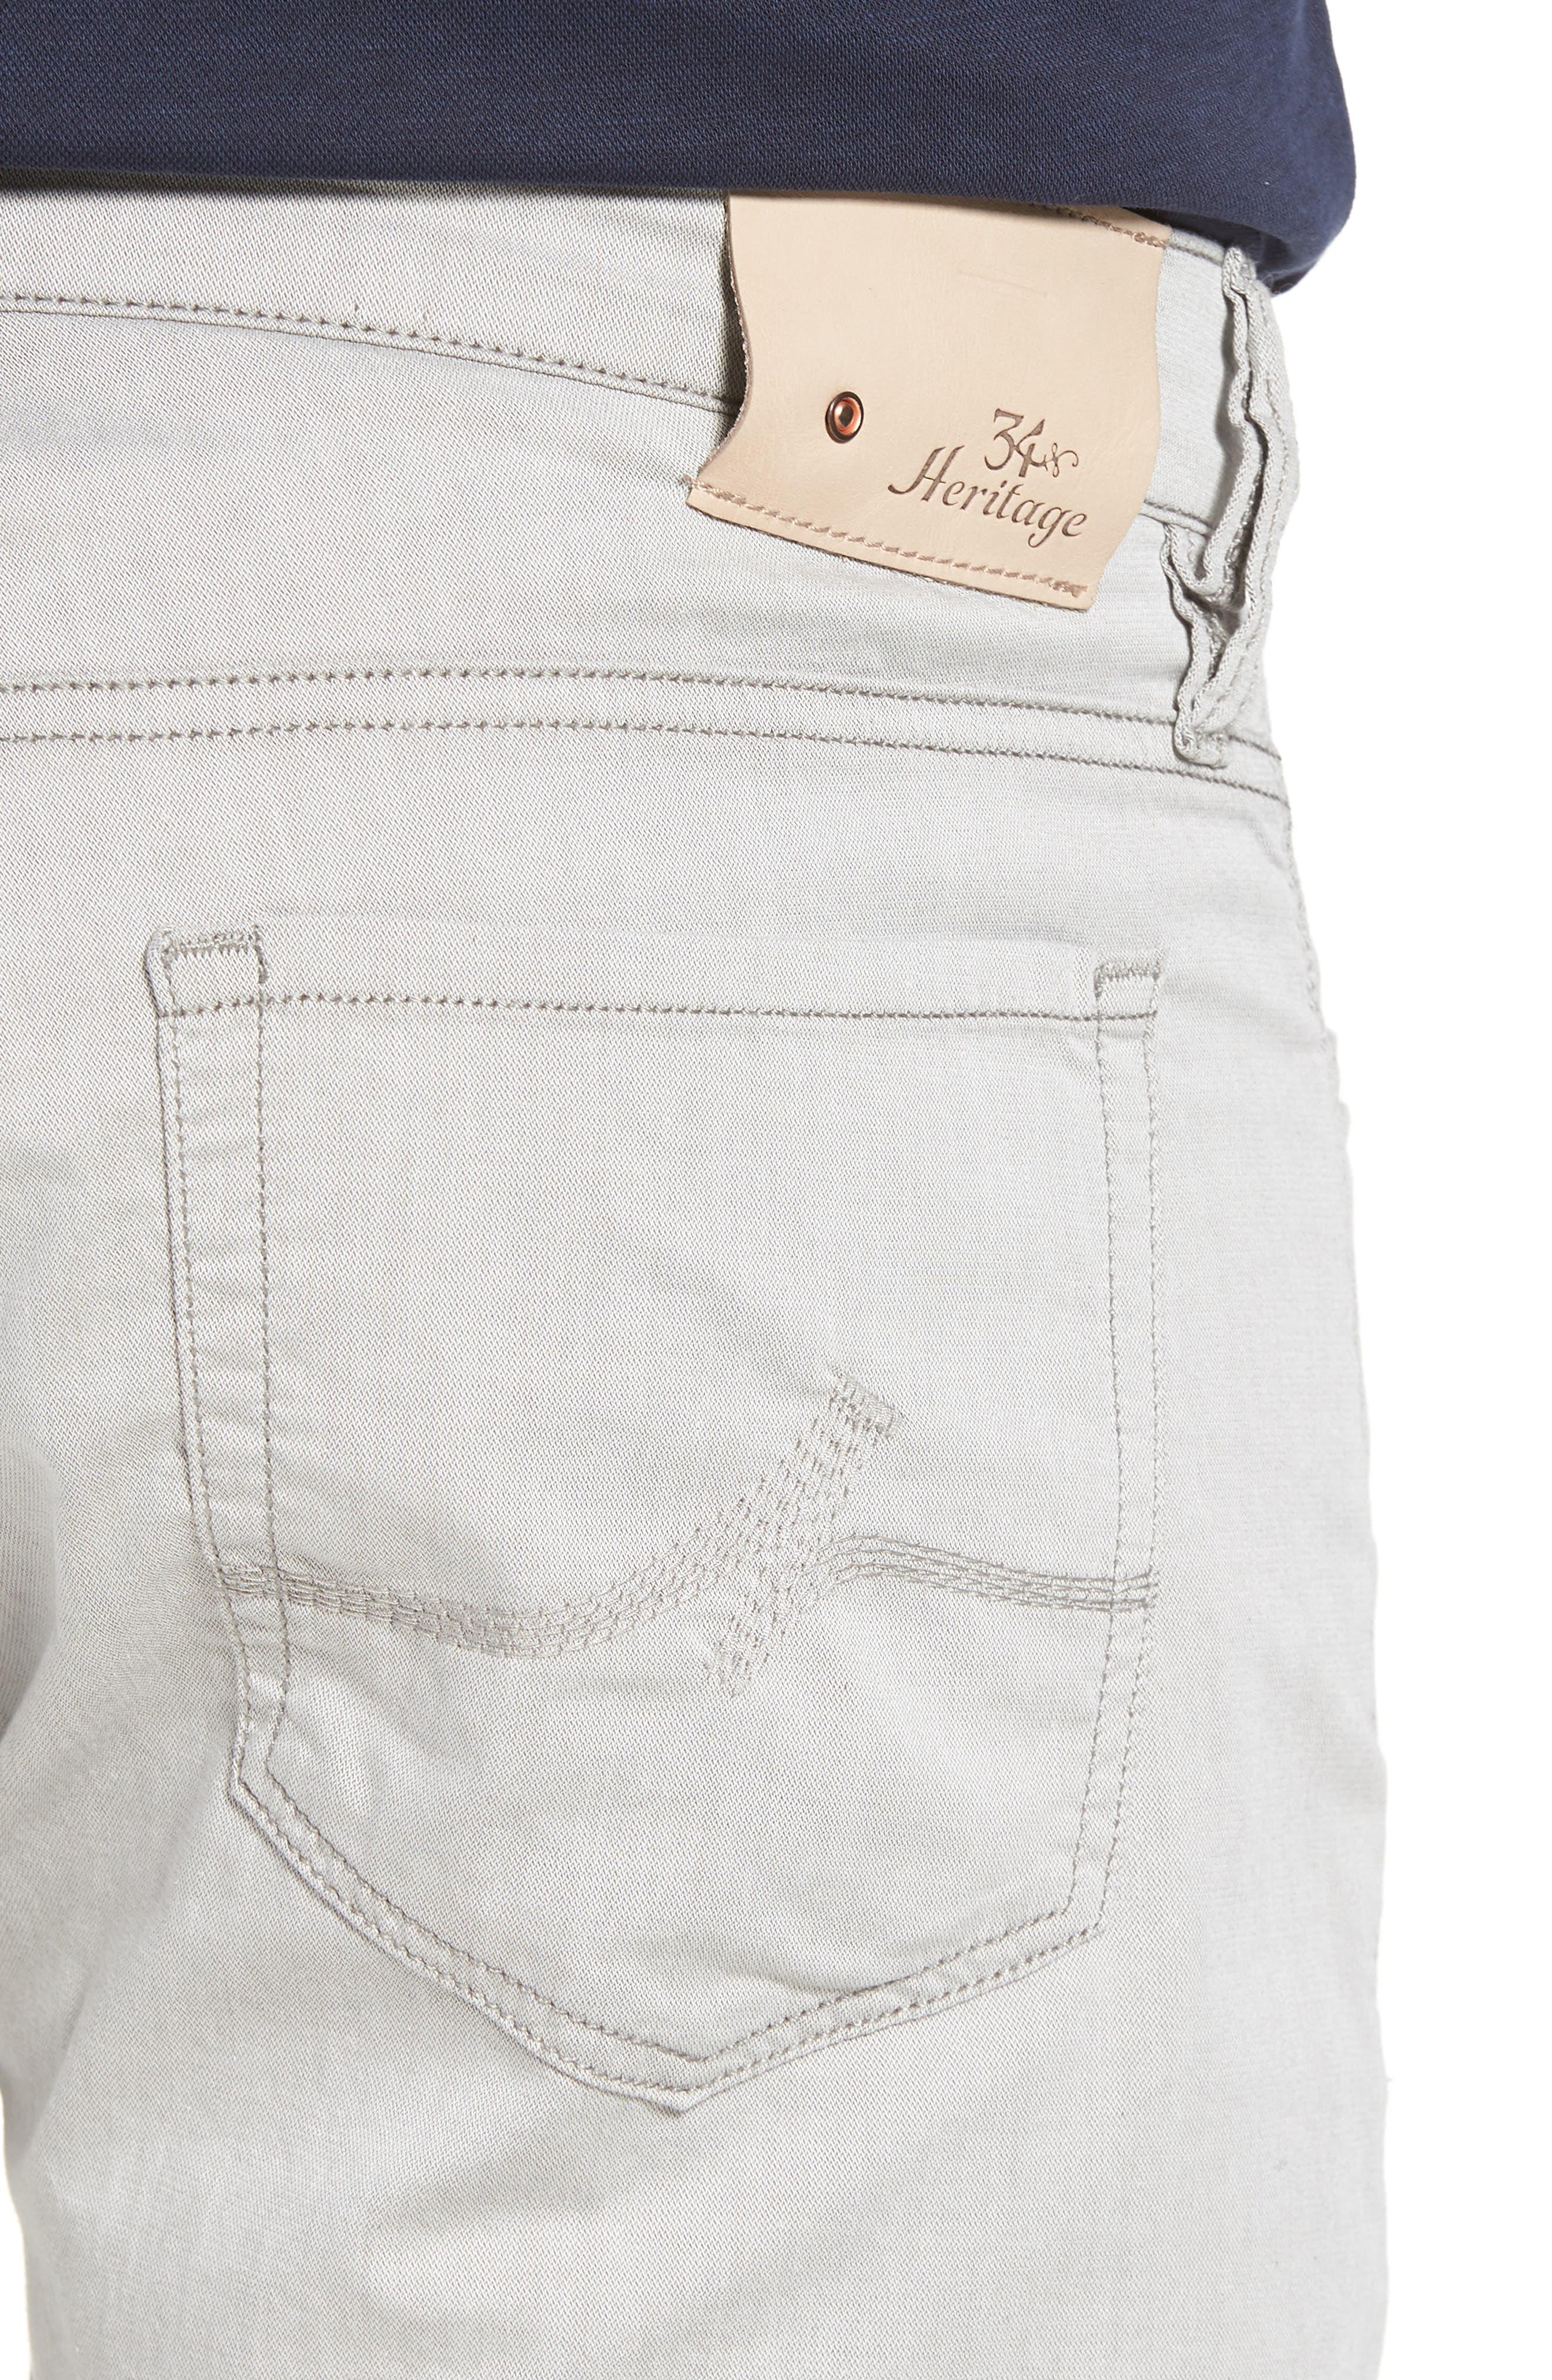 Courage Straight Leg Jeans,                             Alternate thumbnail 4, color,                             Latte Herringbone Reversed